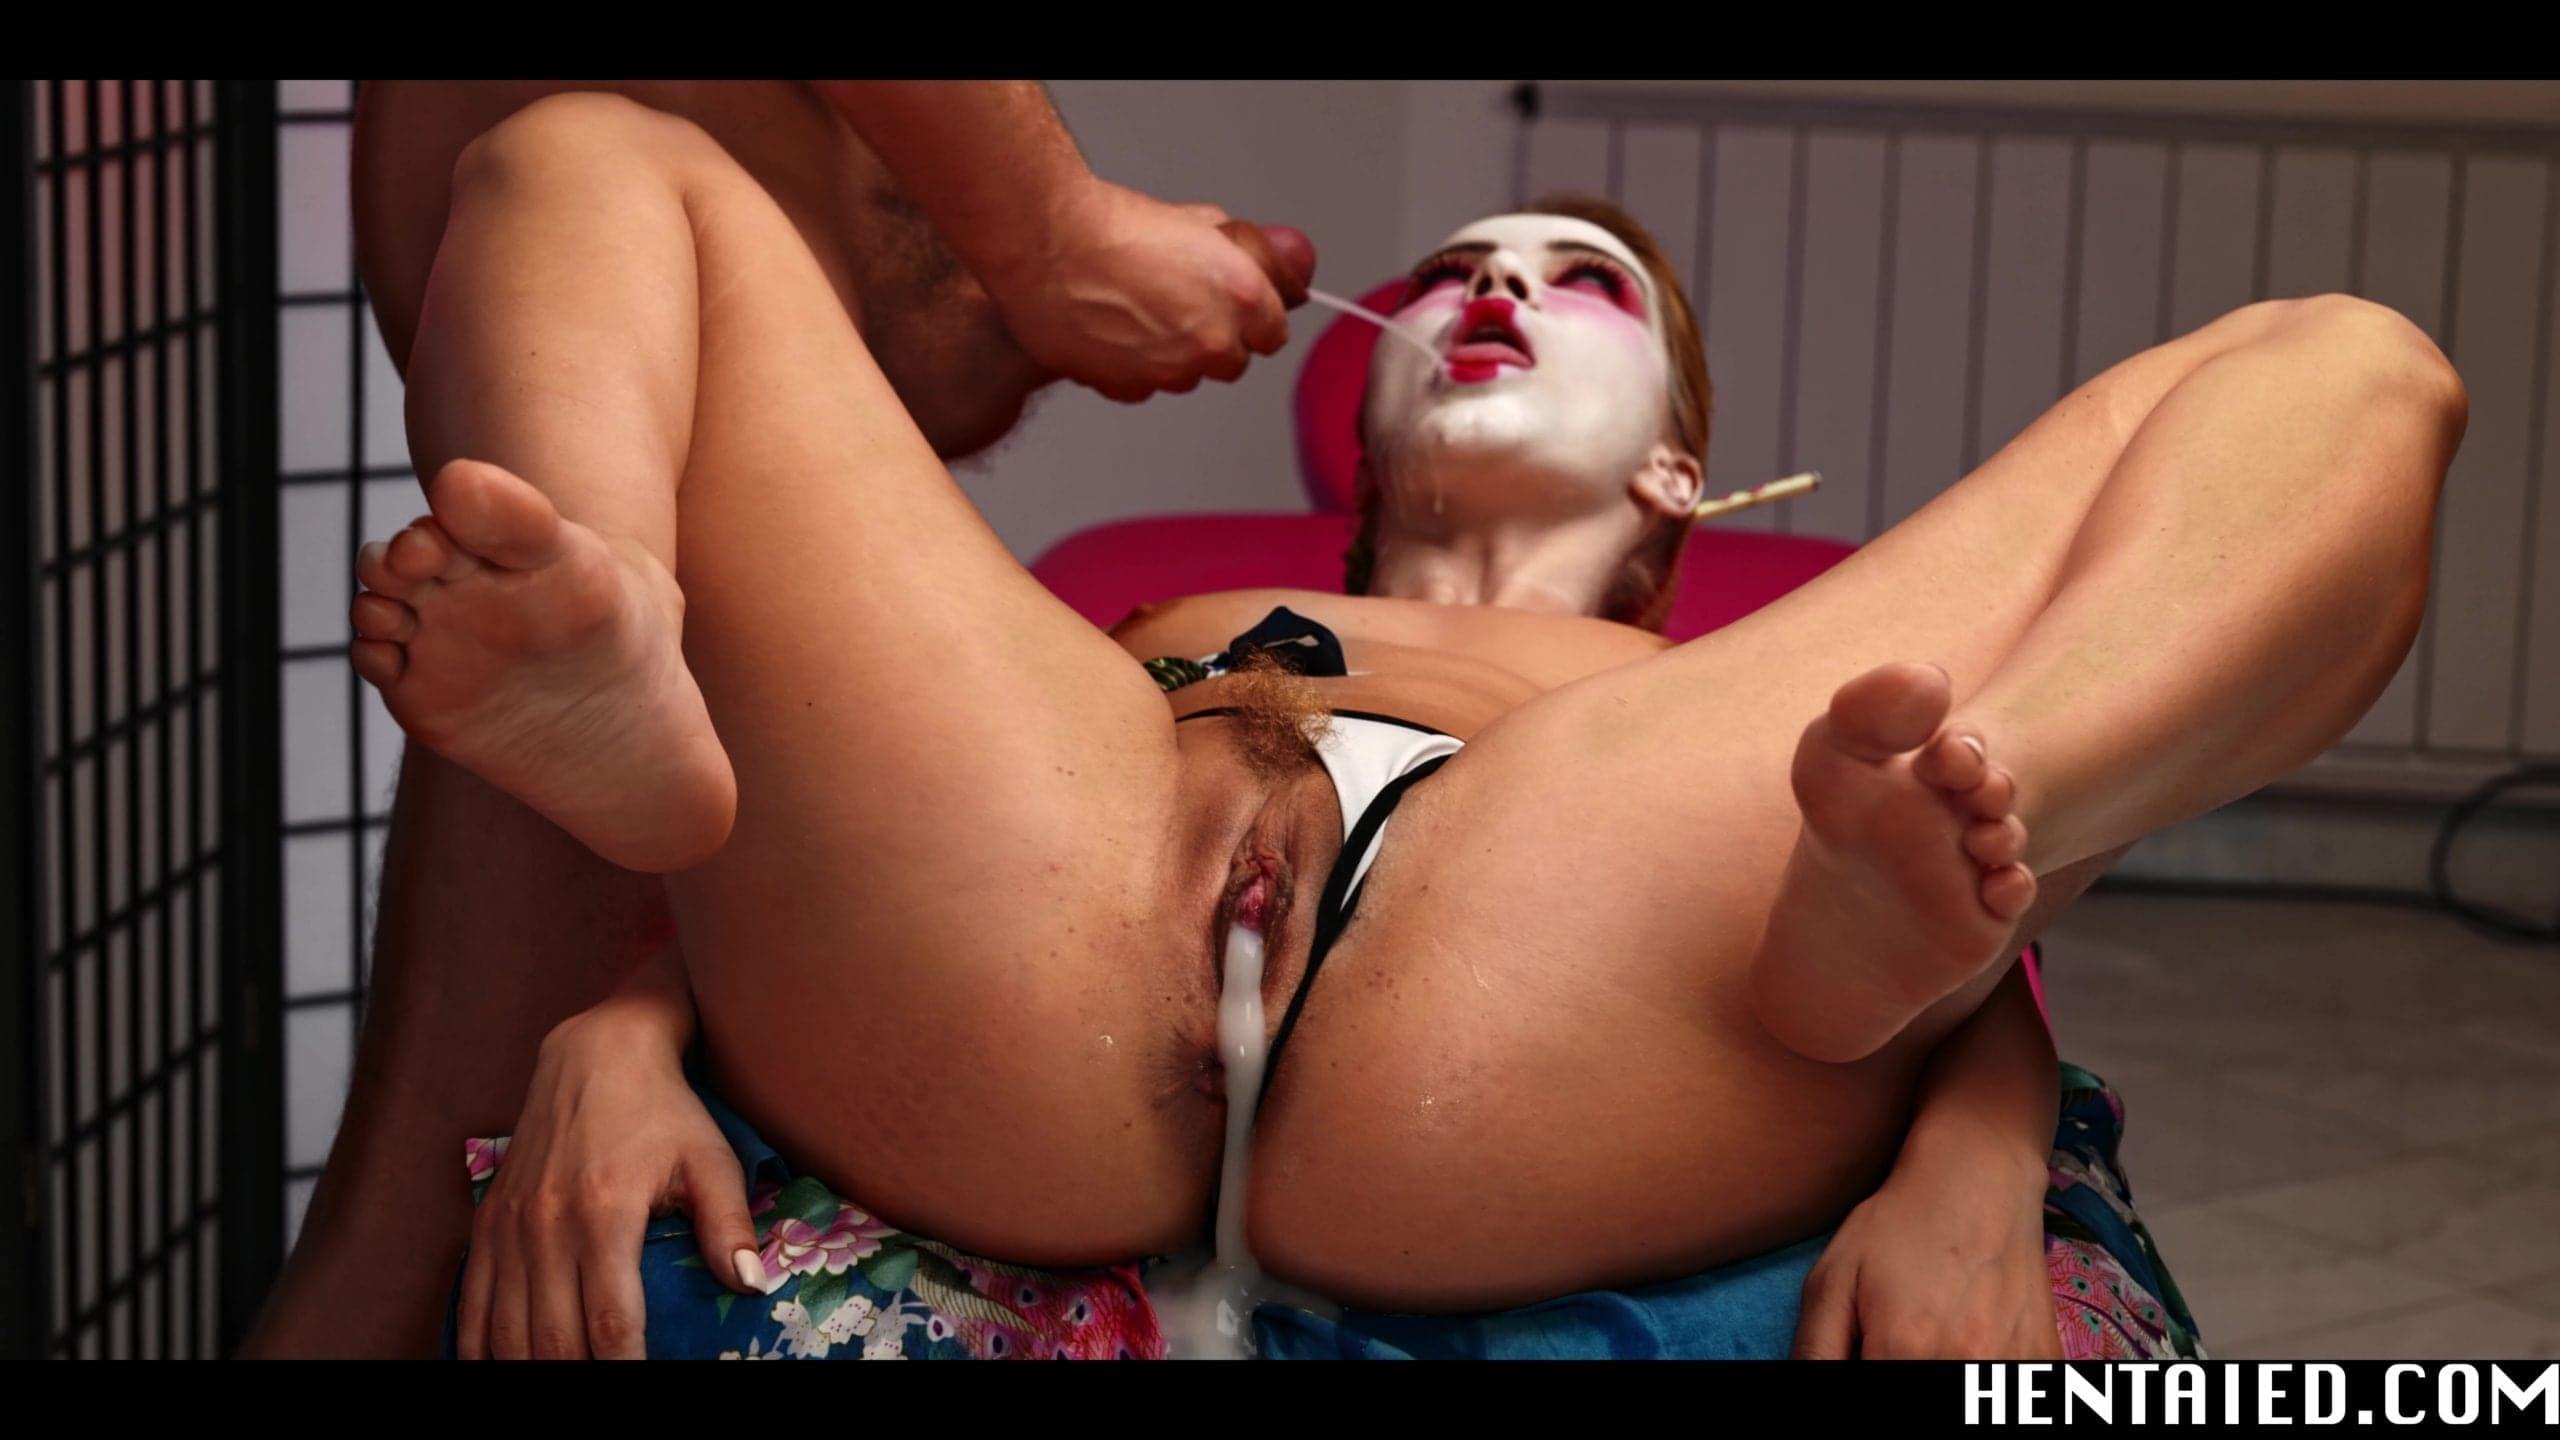 Cherry Kiss creampie dick sucking